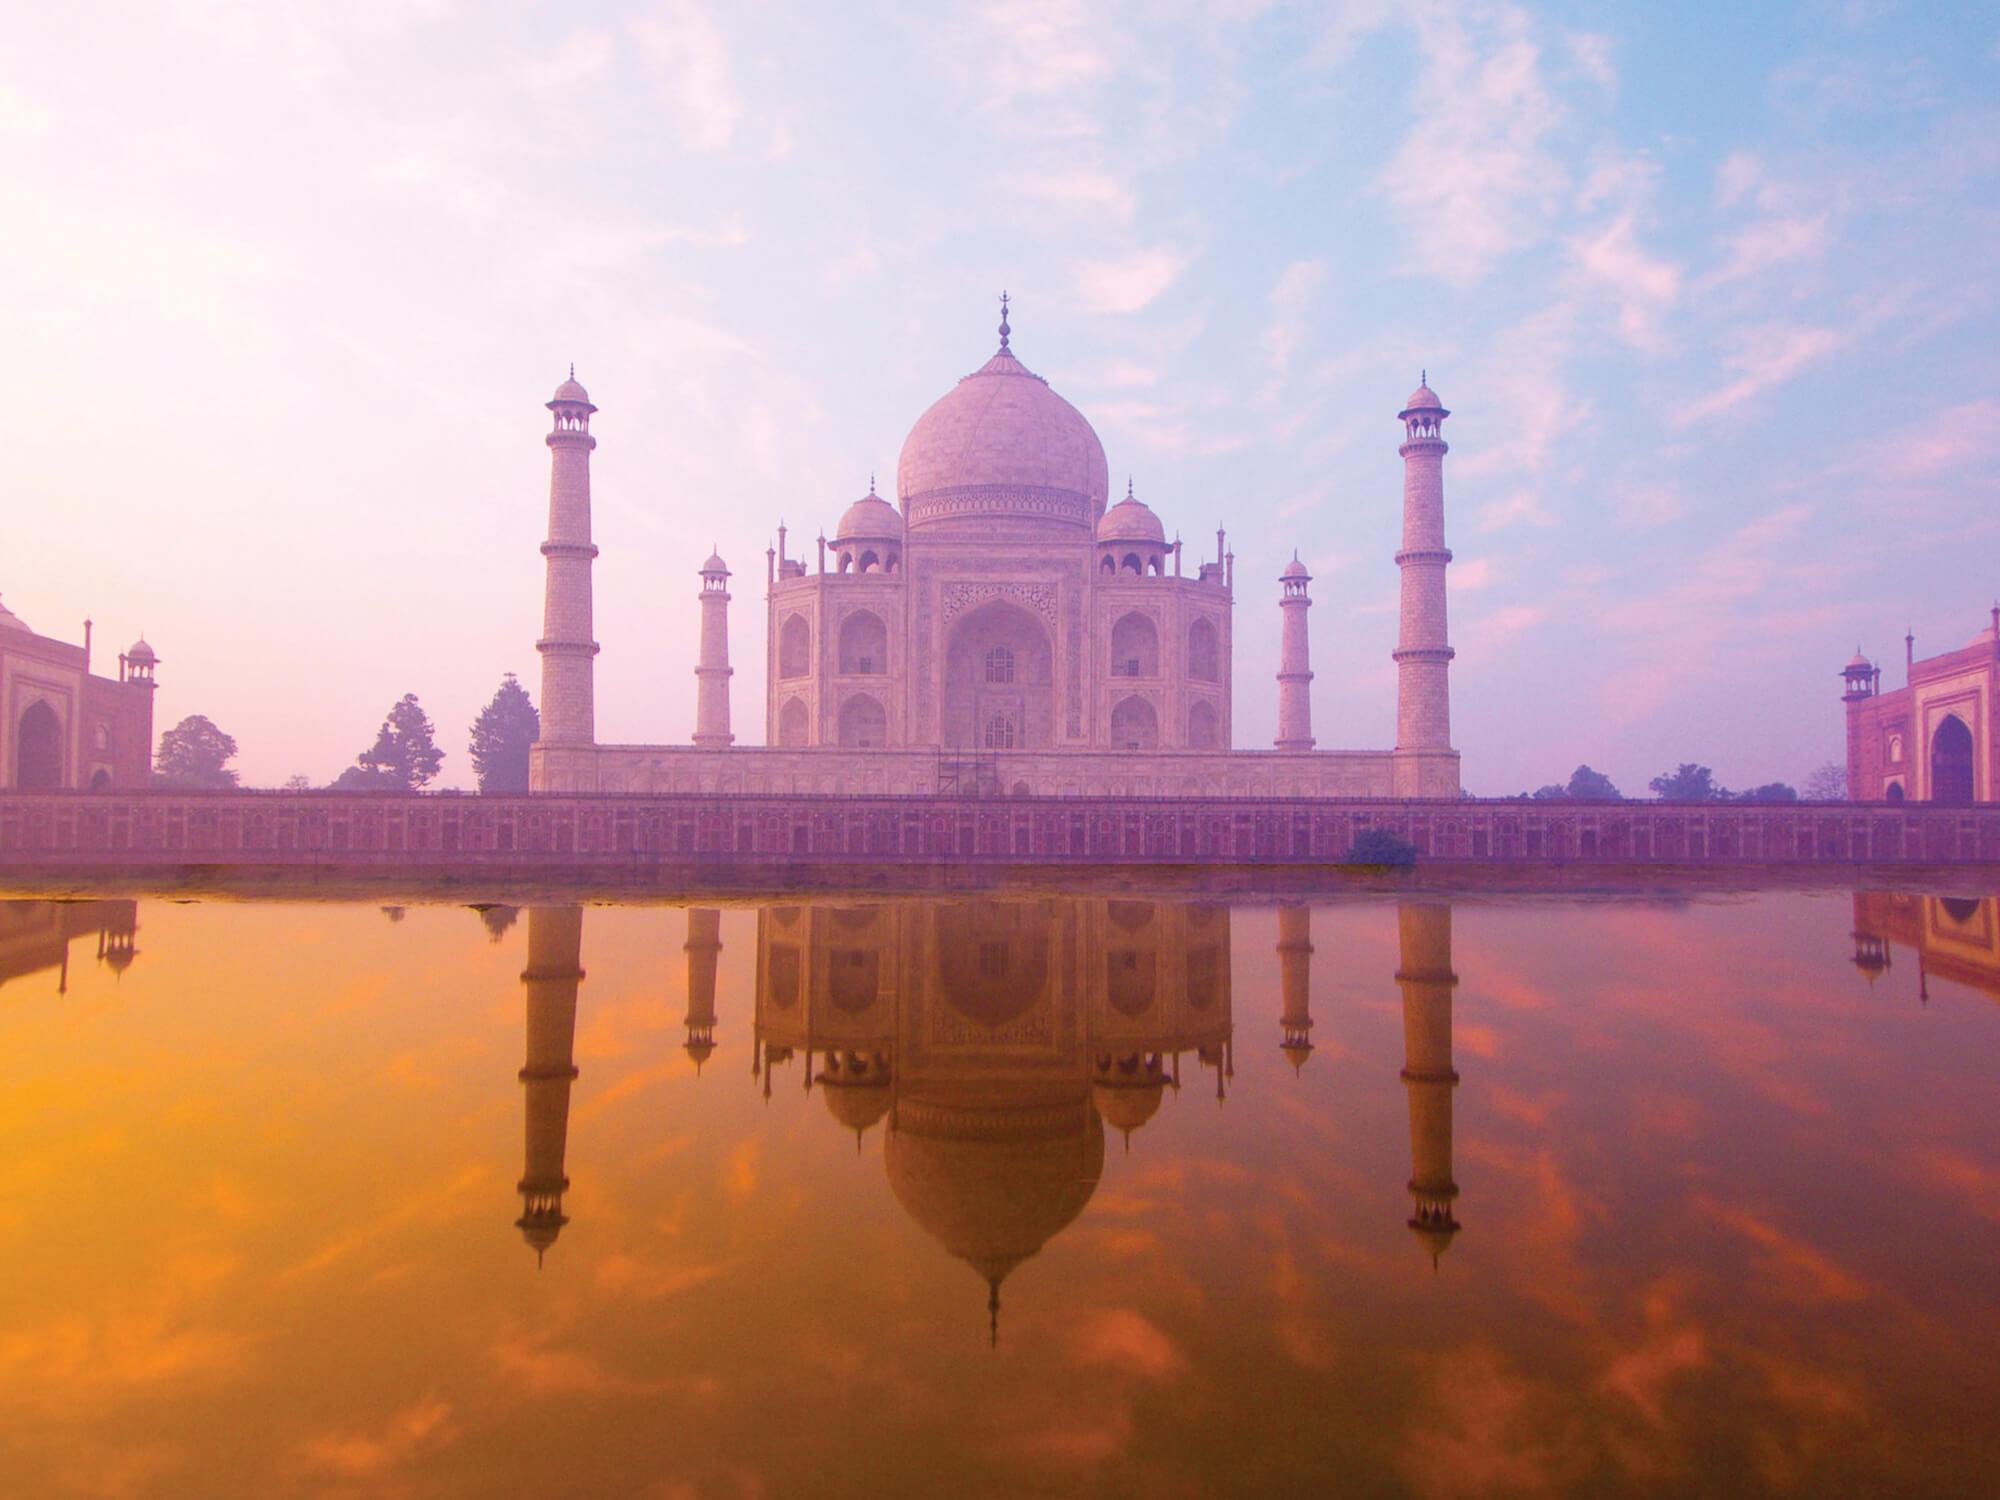 Agra-Intro-4x3